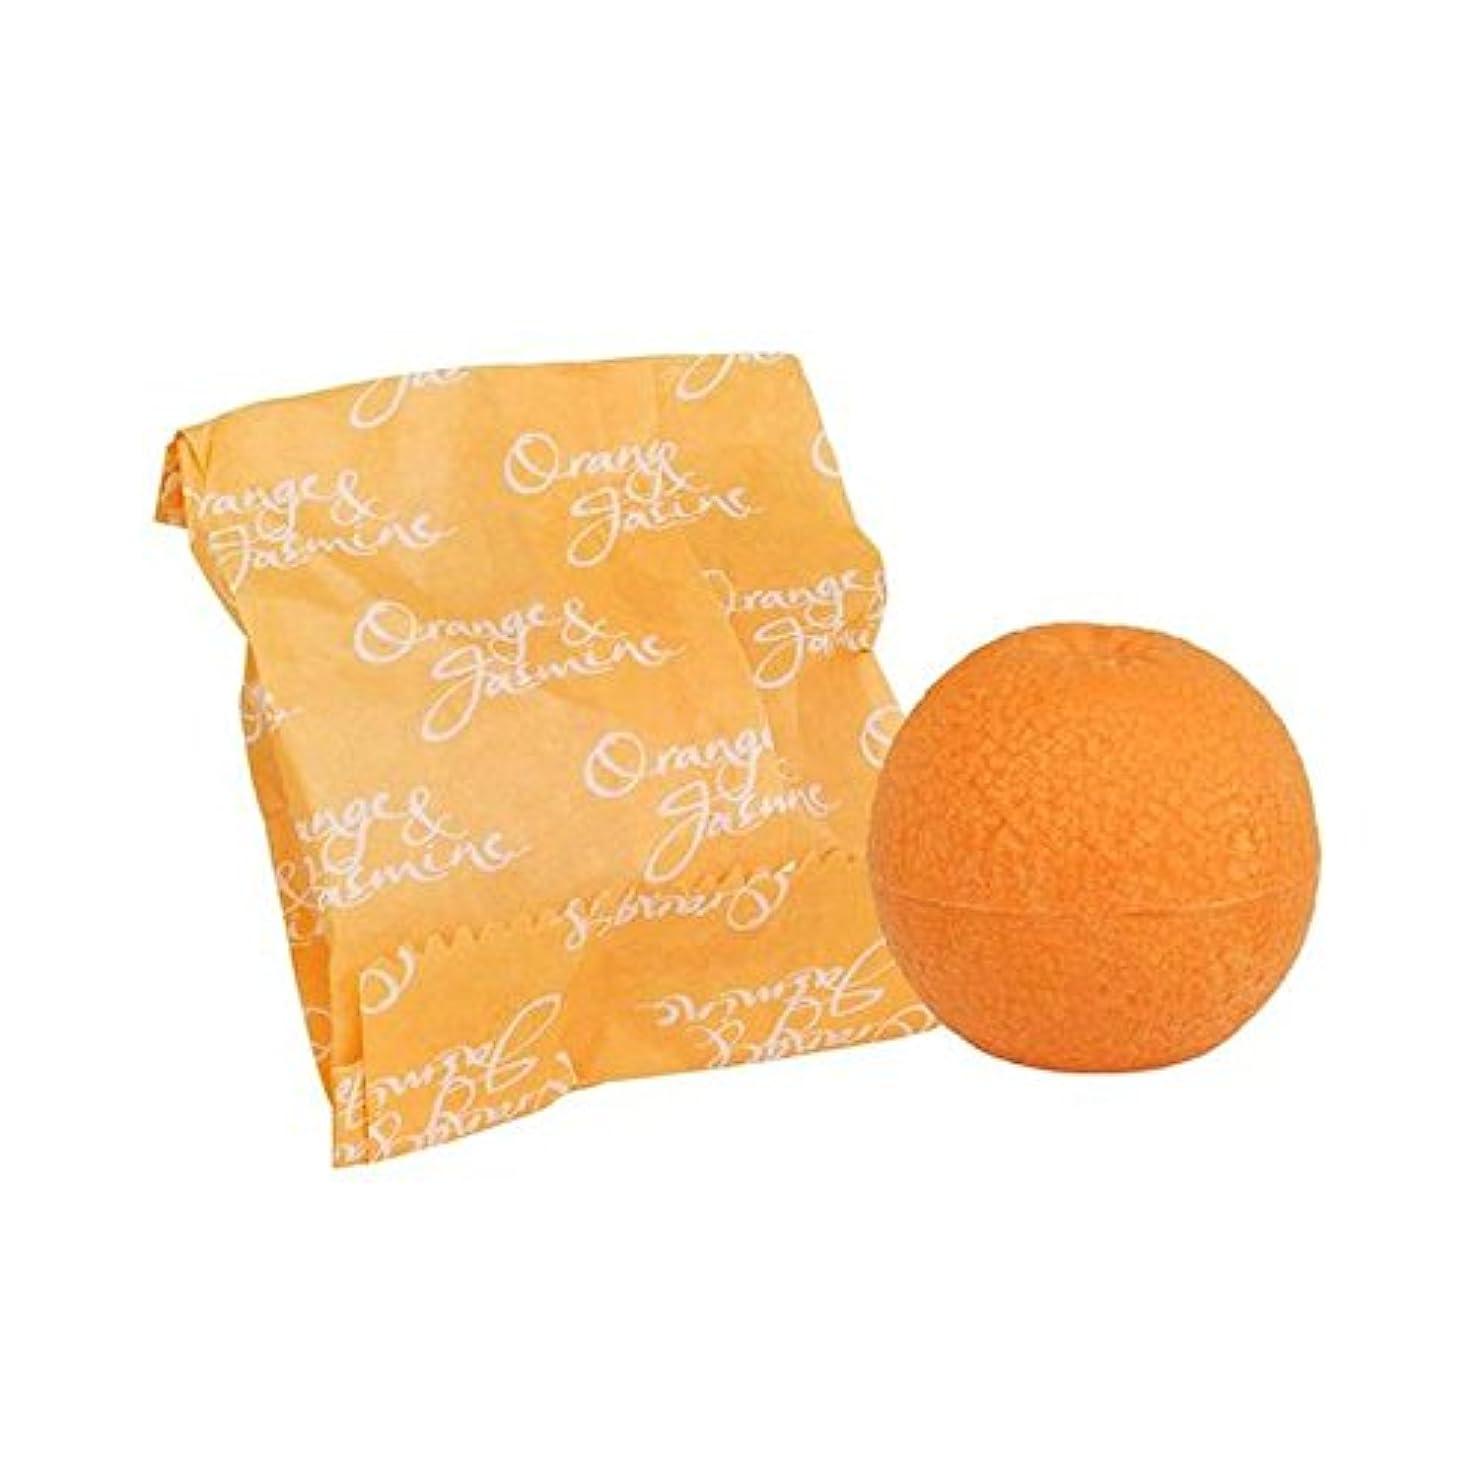 学校の先生アソシエイト不要Bronnley Orange & Jasmine Soap 100g - オレンジ&ジャスミン石鹸100グラム [並行輸入品]